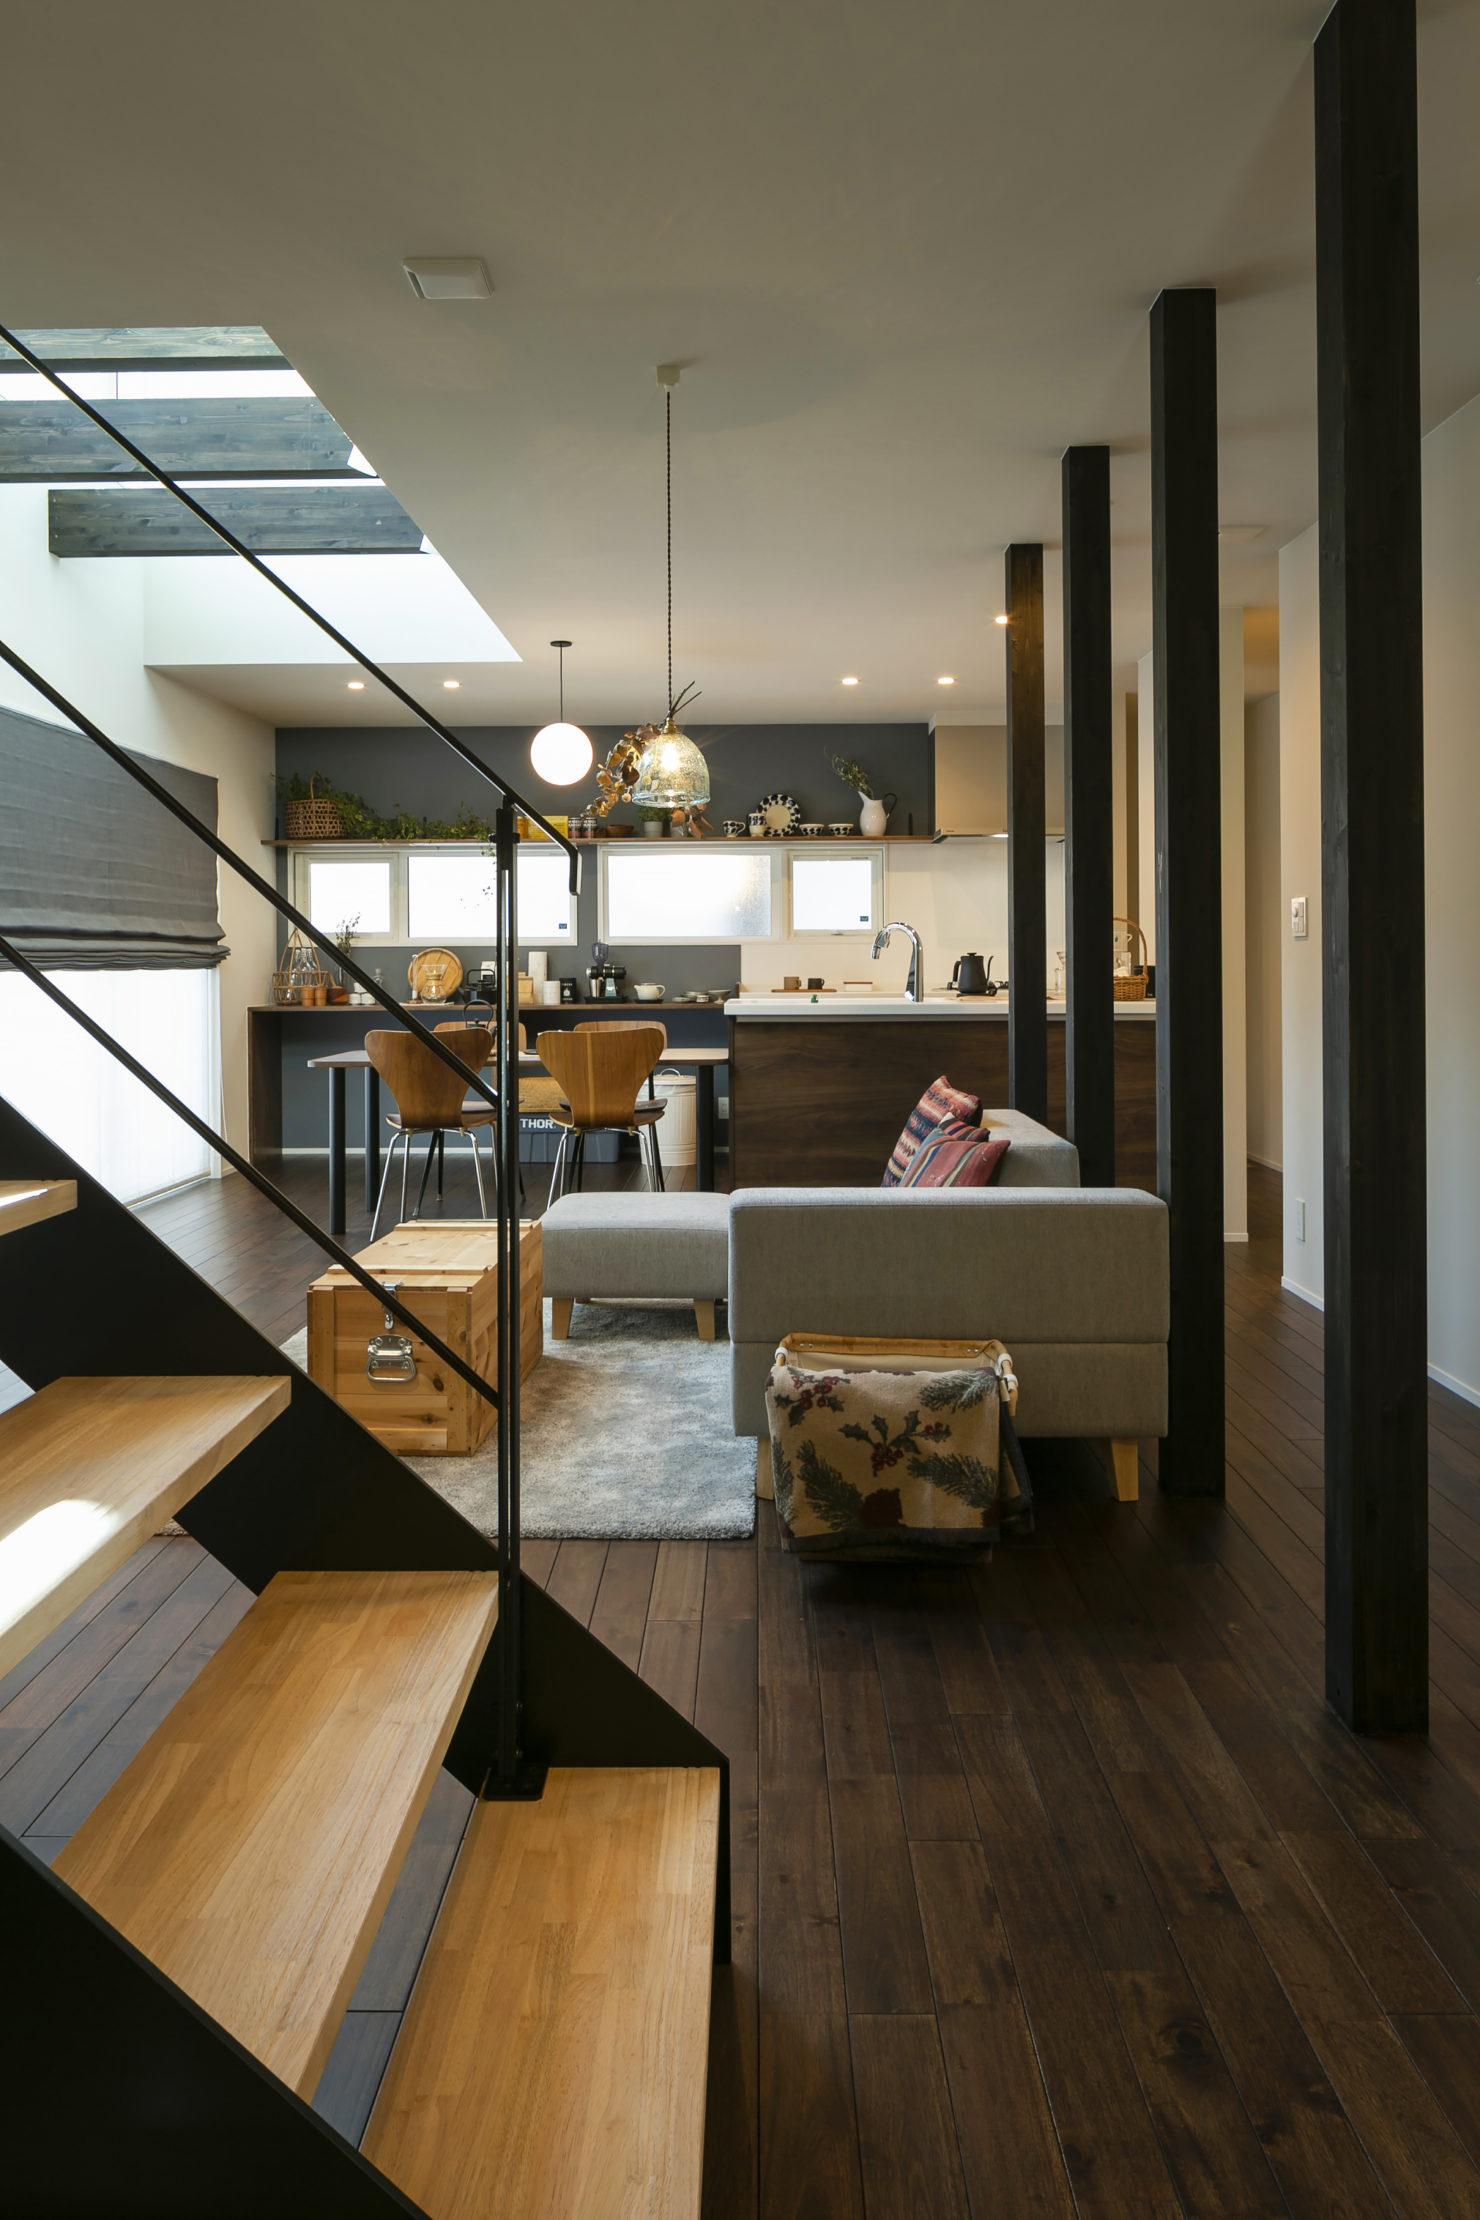 ハウスM21+archi「周囲と調和する個性的な住まい」LDK写真